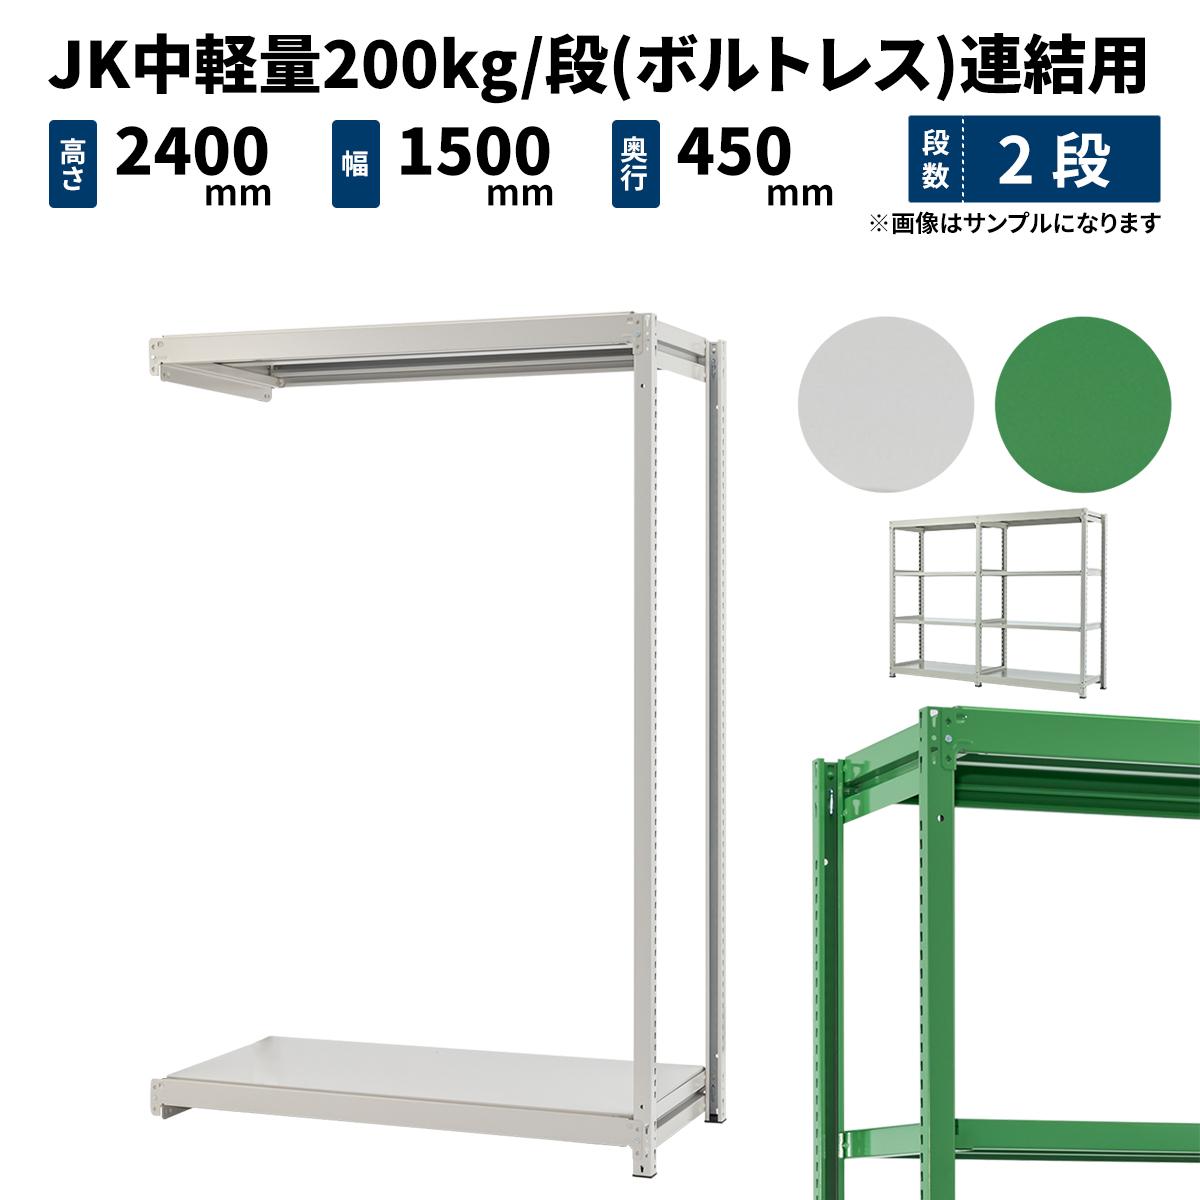 スチールラック 業務用 JK中軽量200kg/段(ボルトレス) 連結形式 高さ2400×幅1500×奥行450mm 2段 ホワイトグレー/グリーン (30kg) JK200_R-241545-2